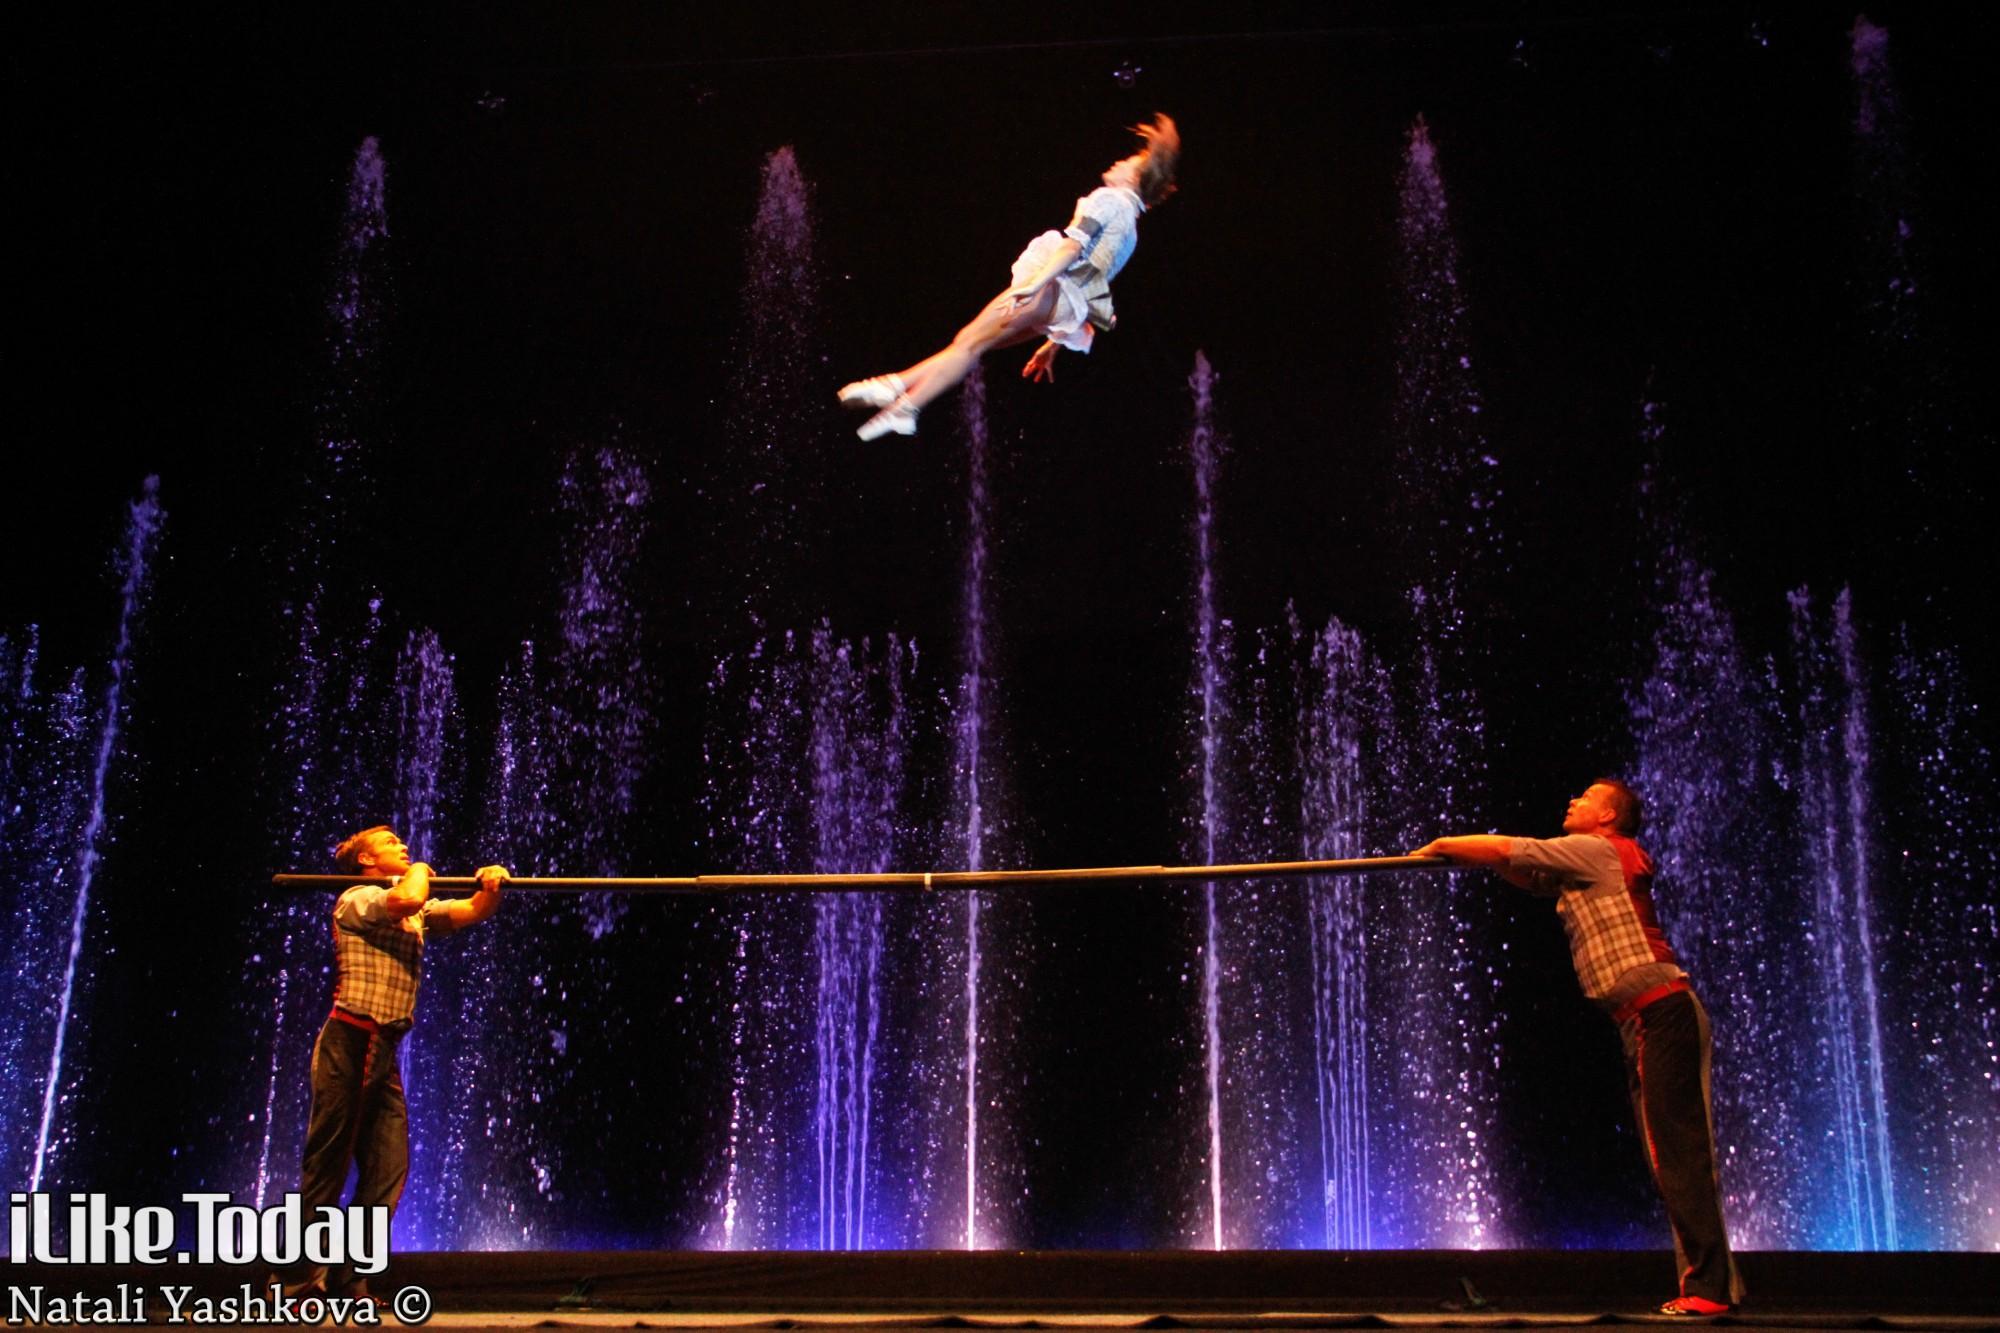 Где находится цирк танцующих фонтанов